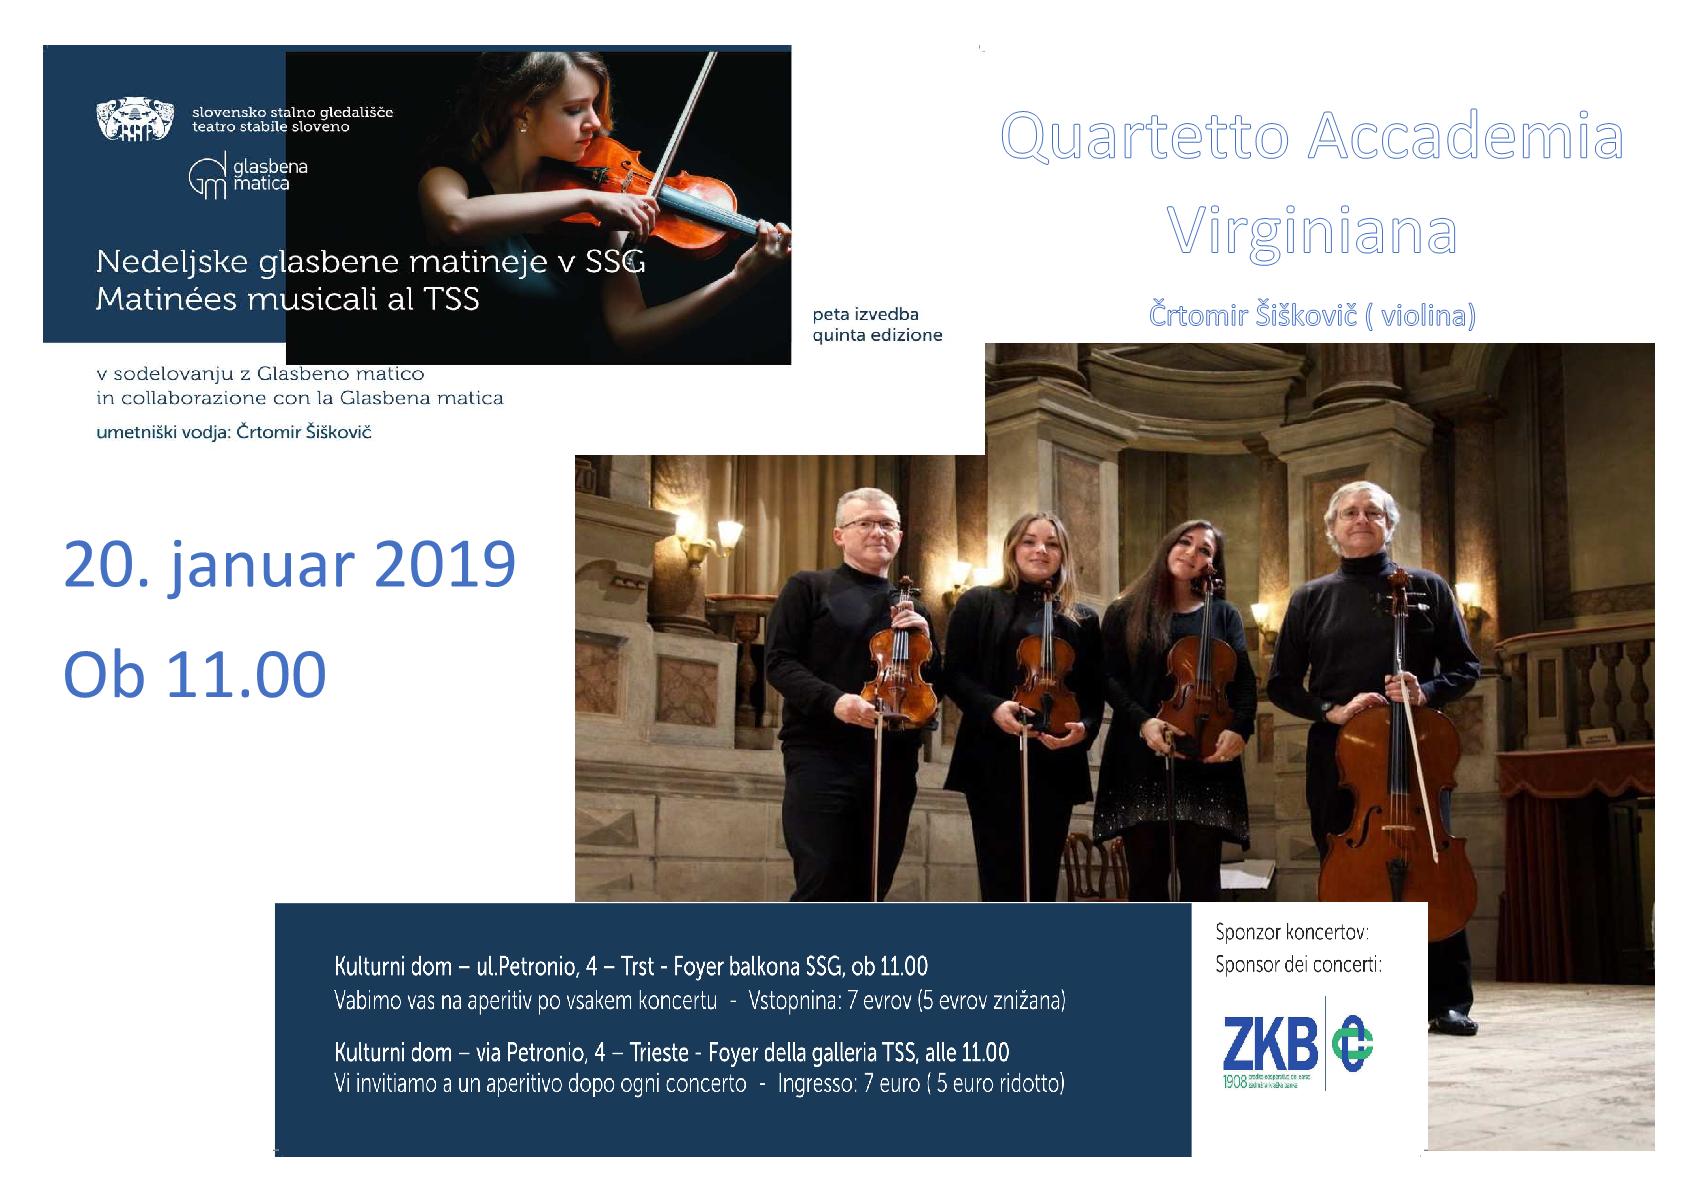 20.1.2019 ob 11.00 uri -GLASBENE MATINEJE- Quartetto Accademia Virginiana